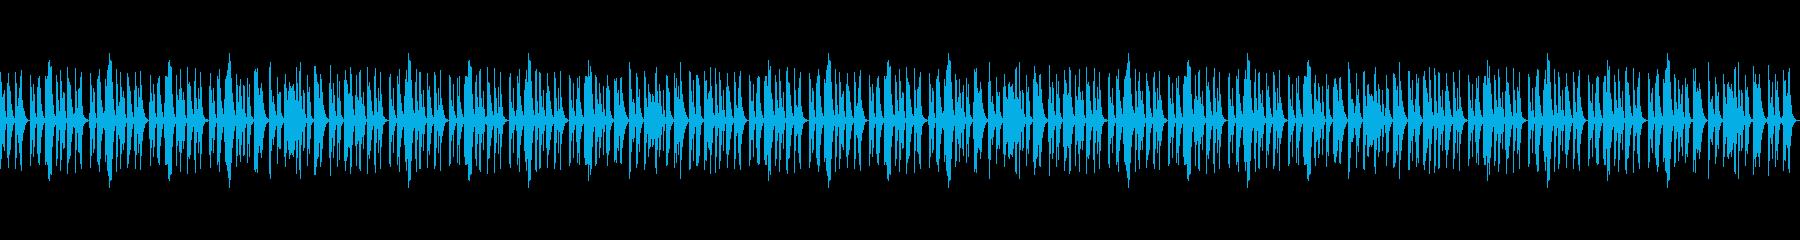 Vtuberの配信 雑談向けBGM11の再生済みの波形